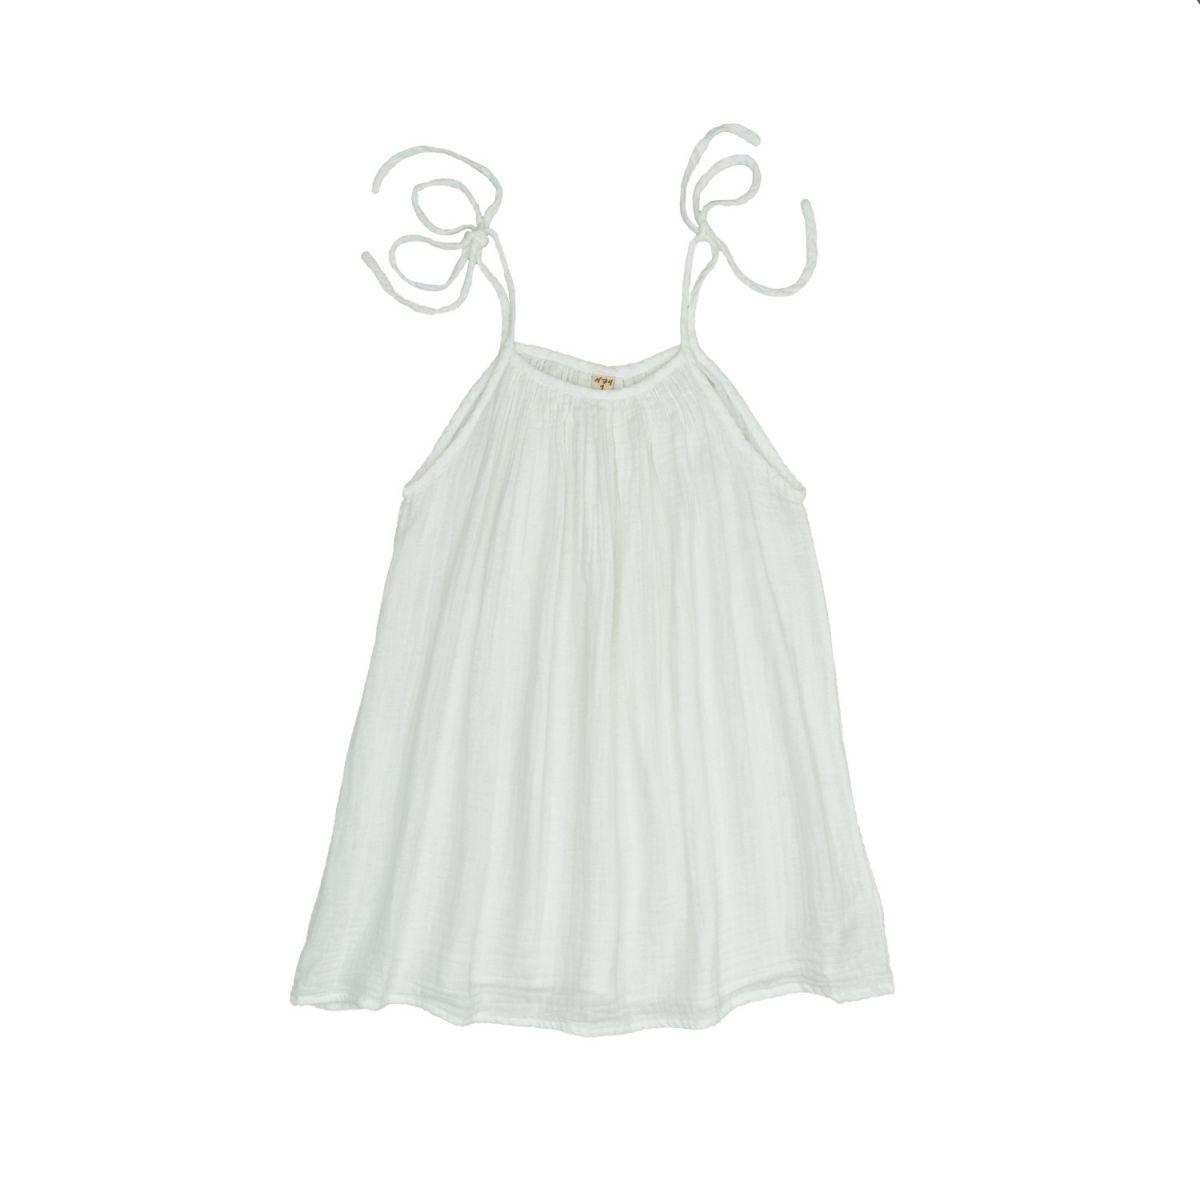 Tunika dla mam Mia biała - Numero 74